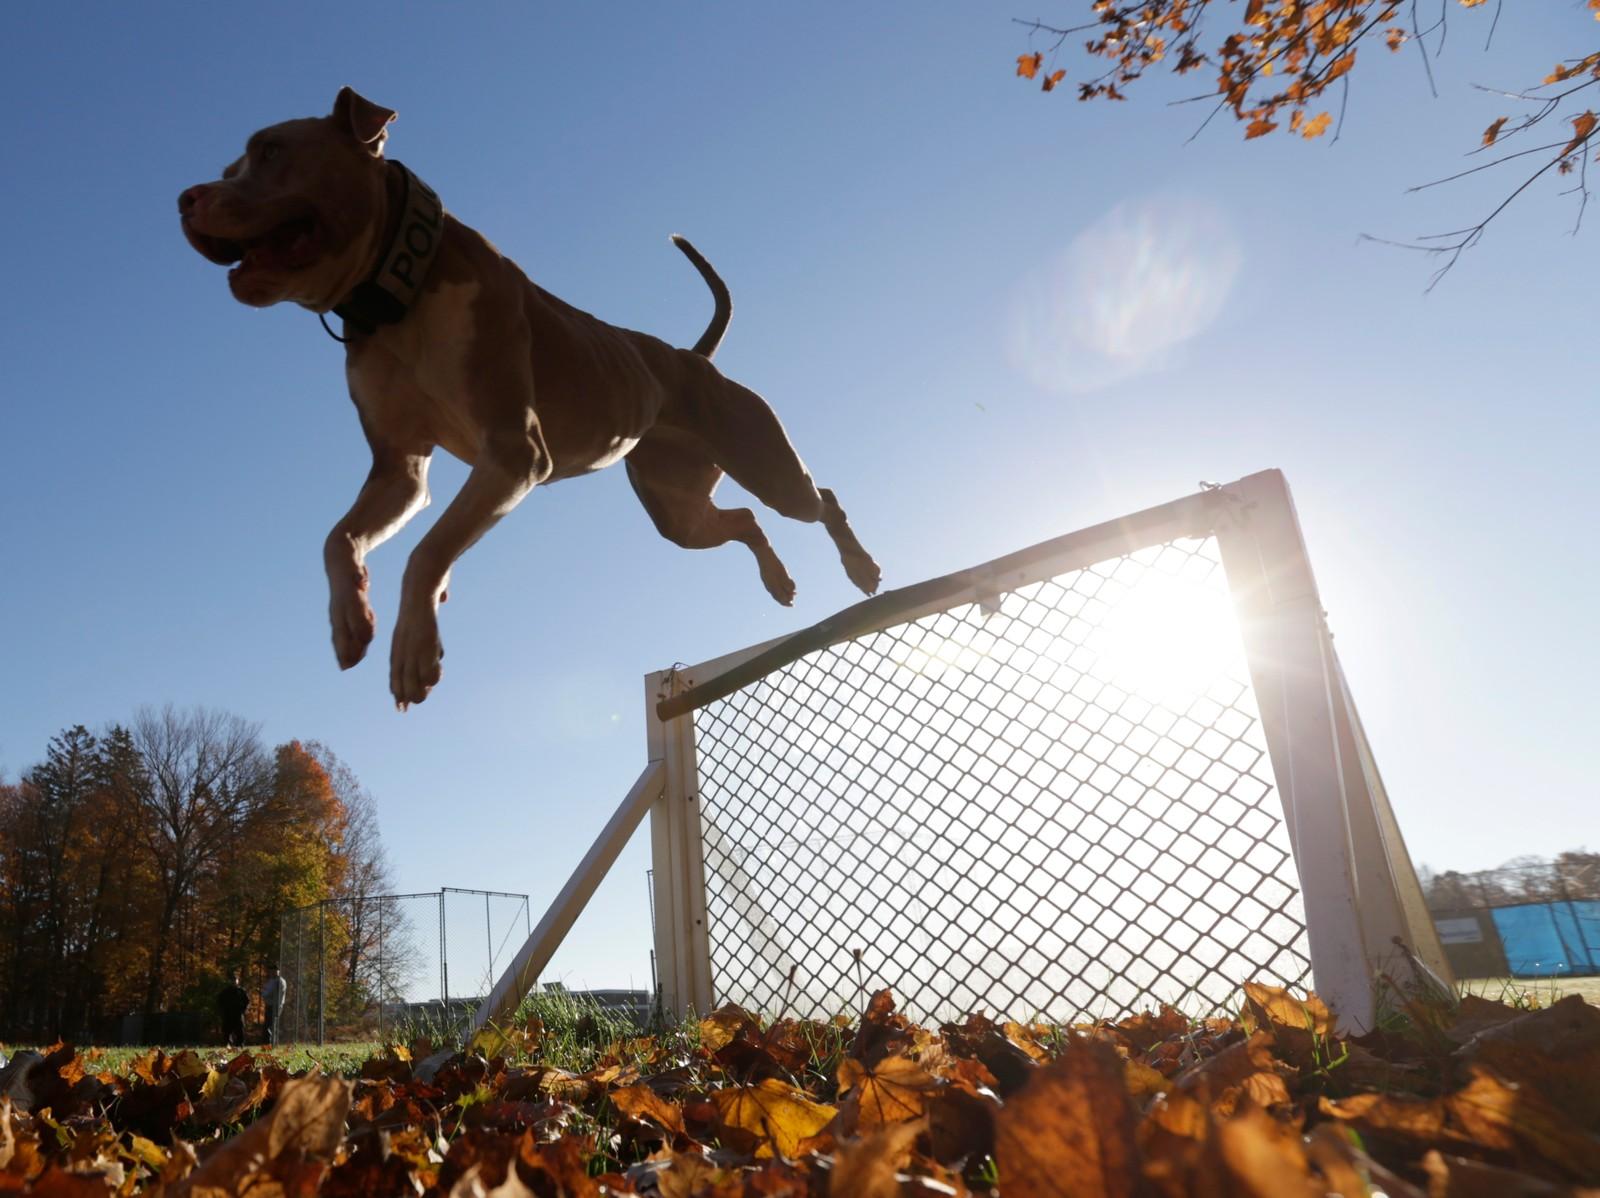 Hunden Kiah passerer et hinder under trening ved en skole i Stone Ridge, New York. Kiah (2,5) blir snart en del av politiet i Poughkeepsie der hun skal bekjempe kriminalitet og lukte seg frem til ulovlige substanser. Mange håper nå at man ved å gjøre en Pit Bull til politihund kan motarbeide fordommene om at rasen er farlig og kun elsket av kriminelle.